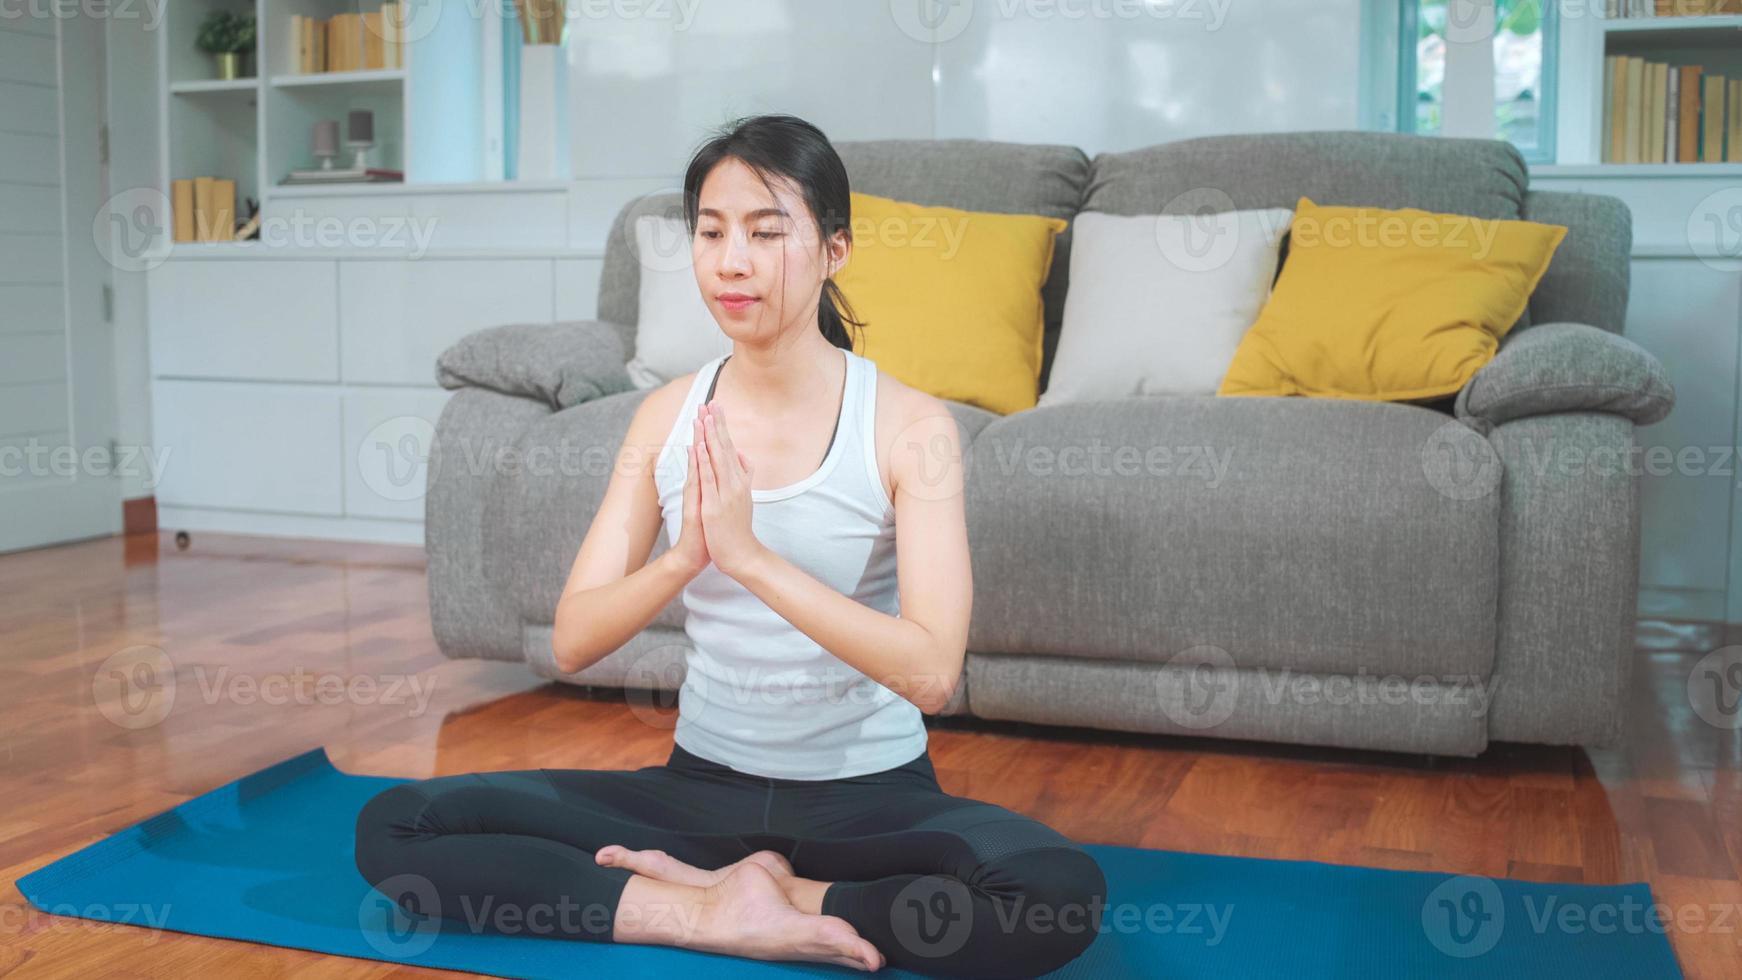 jeune femme asiatique pratiquant le yoga dans le salon. belle femme séduisante travaillant pour la santé à la maison. concept d'exercice de femme de style de vie. photo